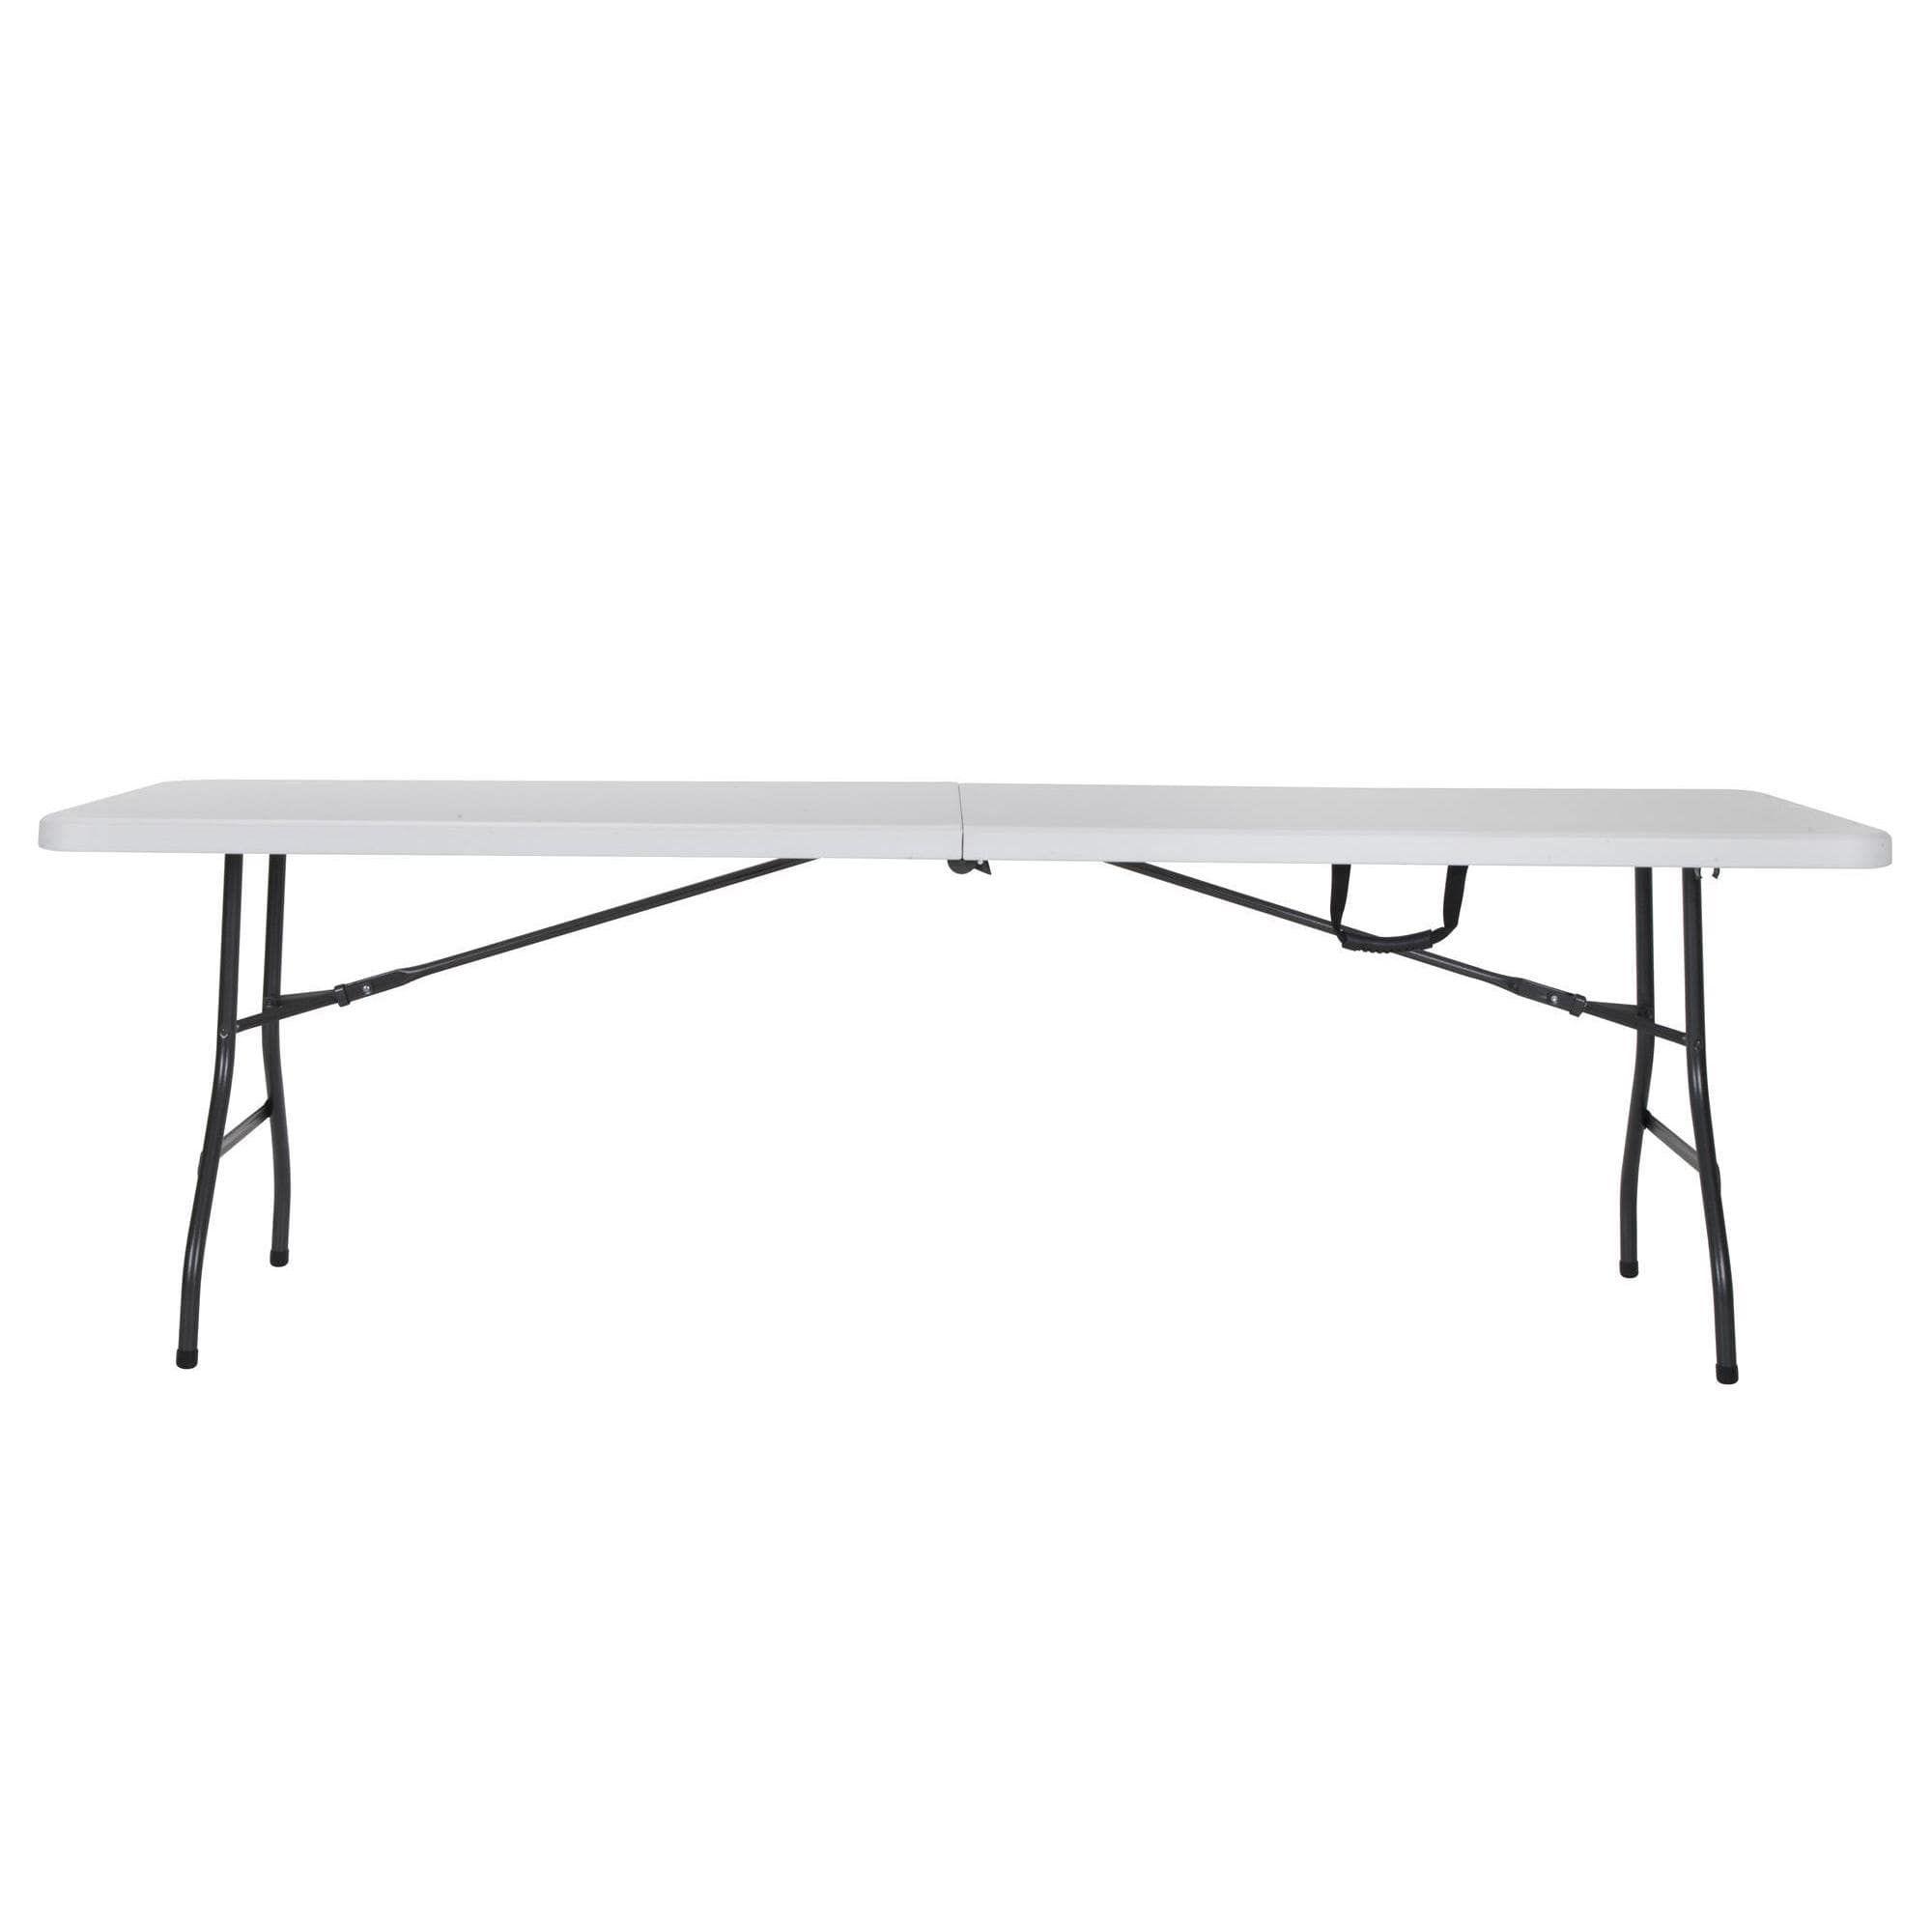 Cosco 3 Piece Dark Blue Portable Outdoor Safe Folding Table Bench